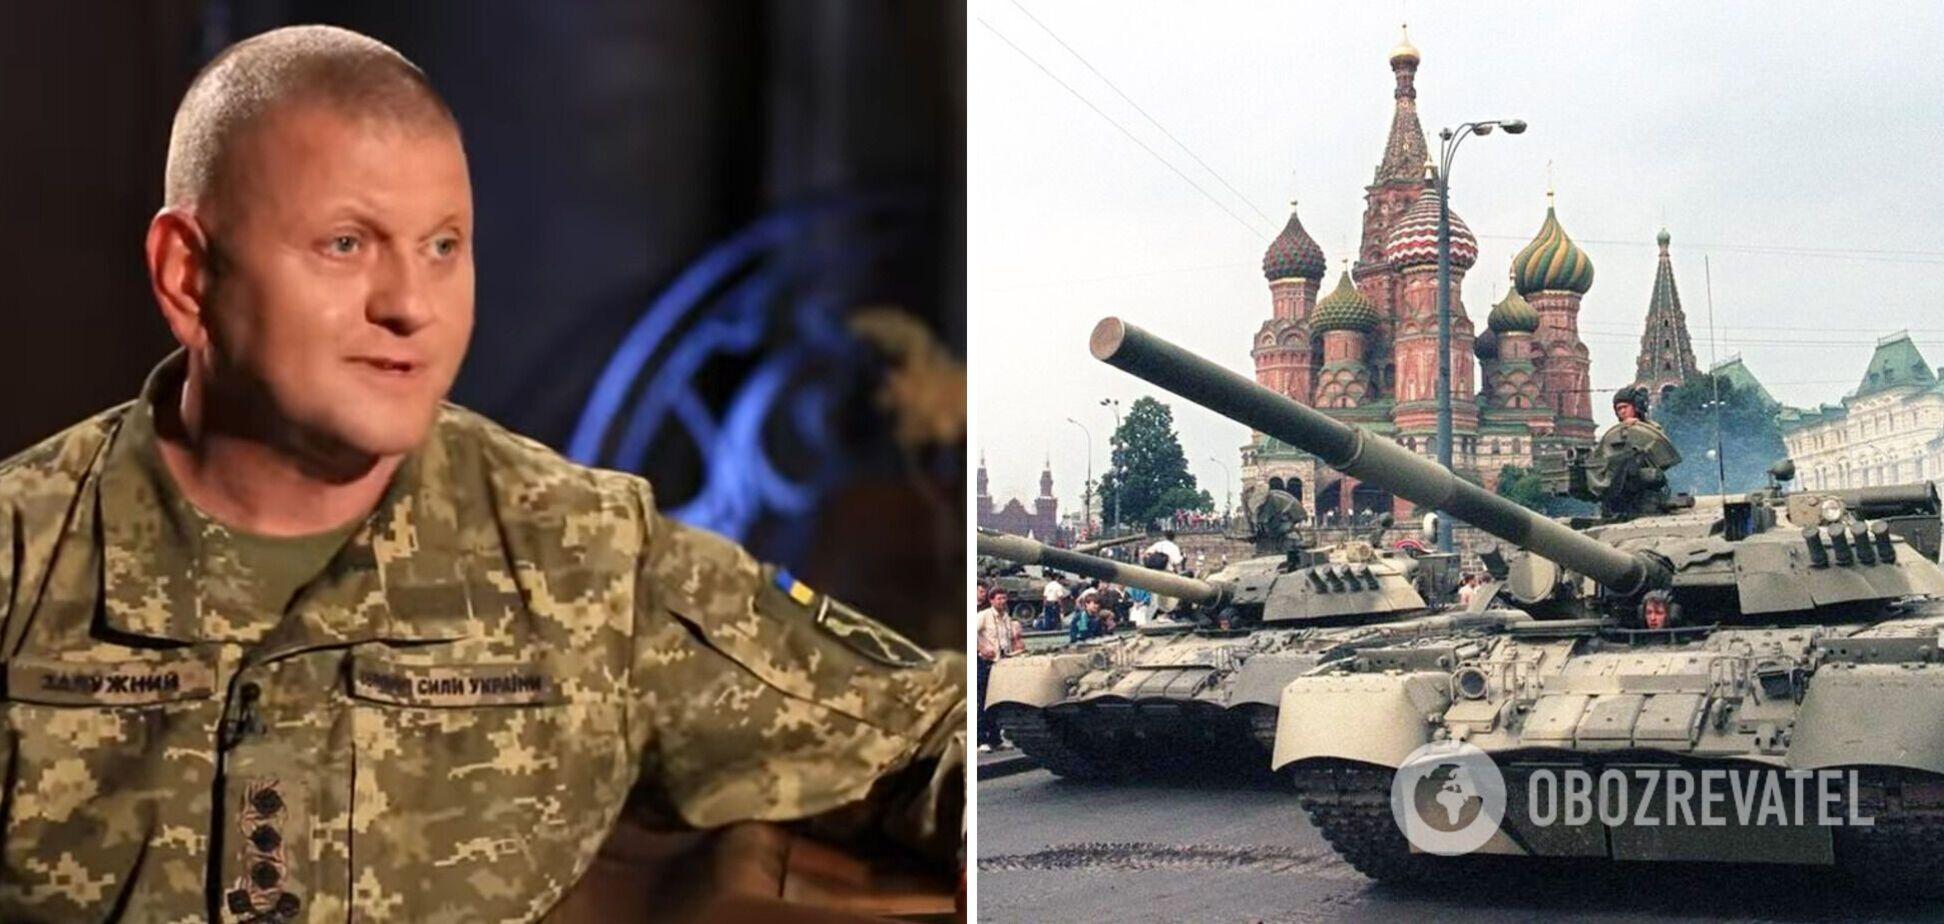 Главнокомандующий ВСУ признался, что хотел бы проехаться танком по Красной площади. Видео